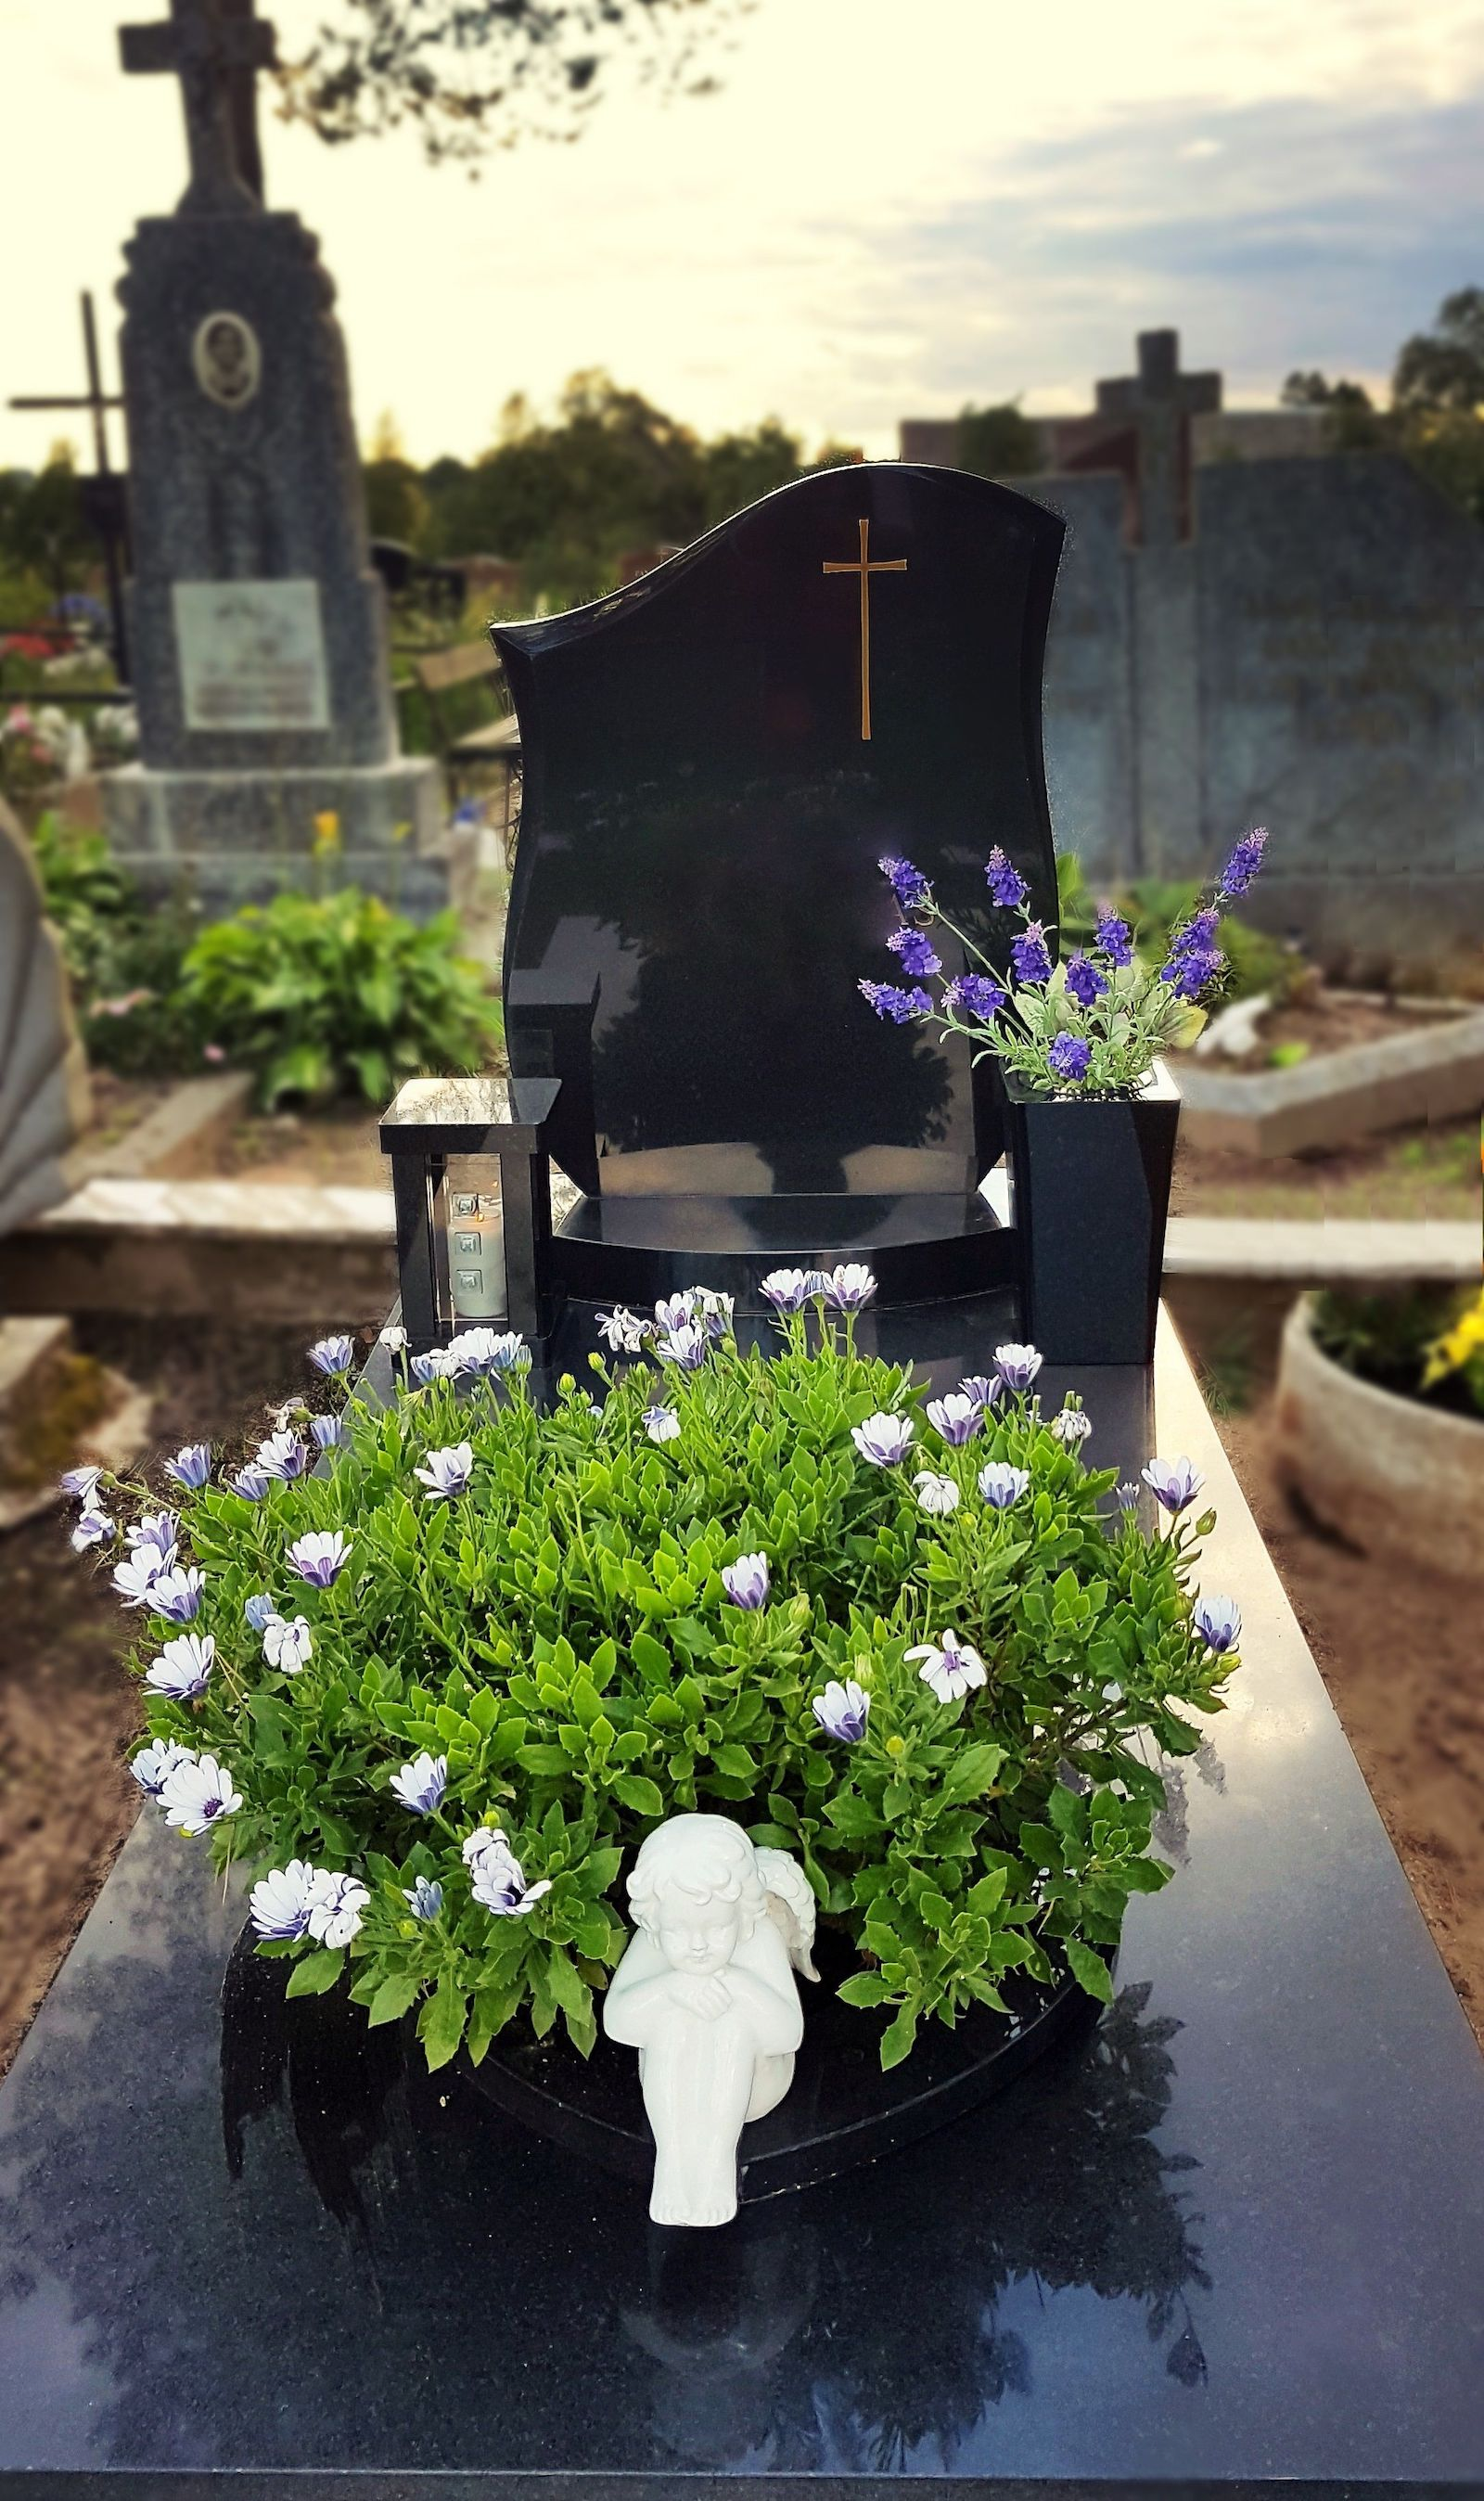 juodo granito rankų darbo žvakidė kapams su vaza